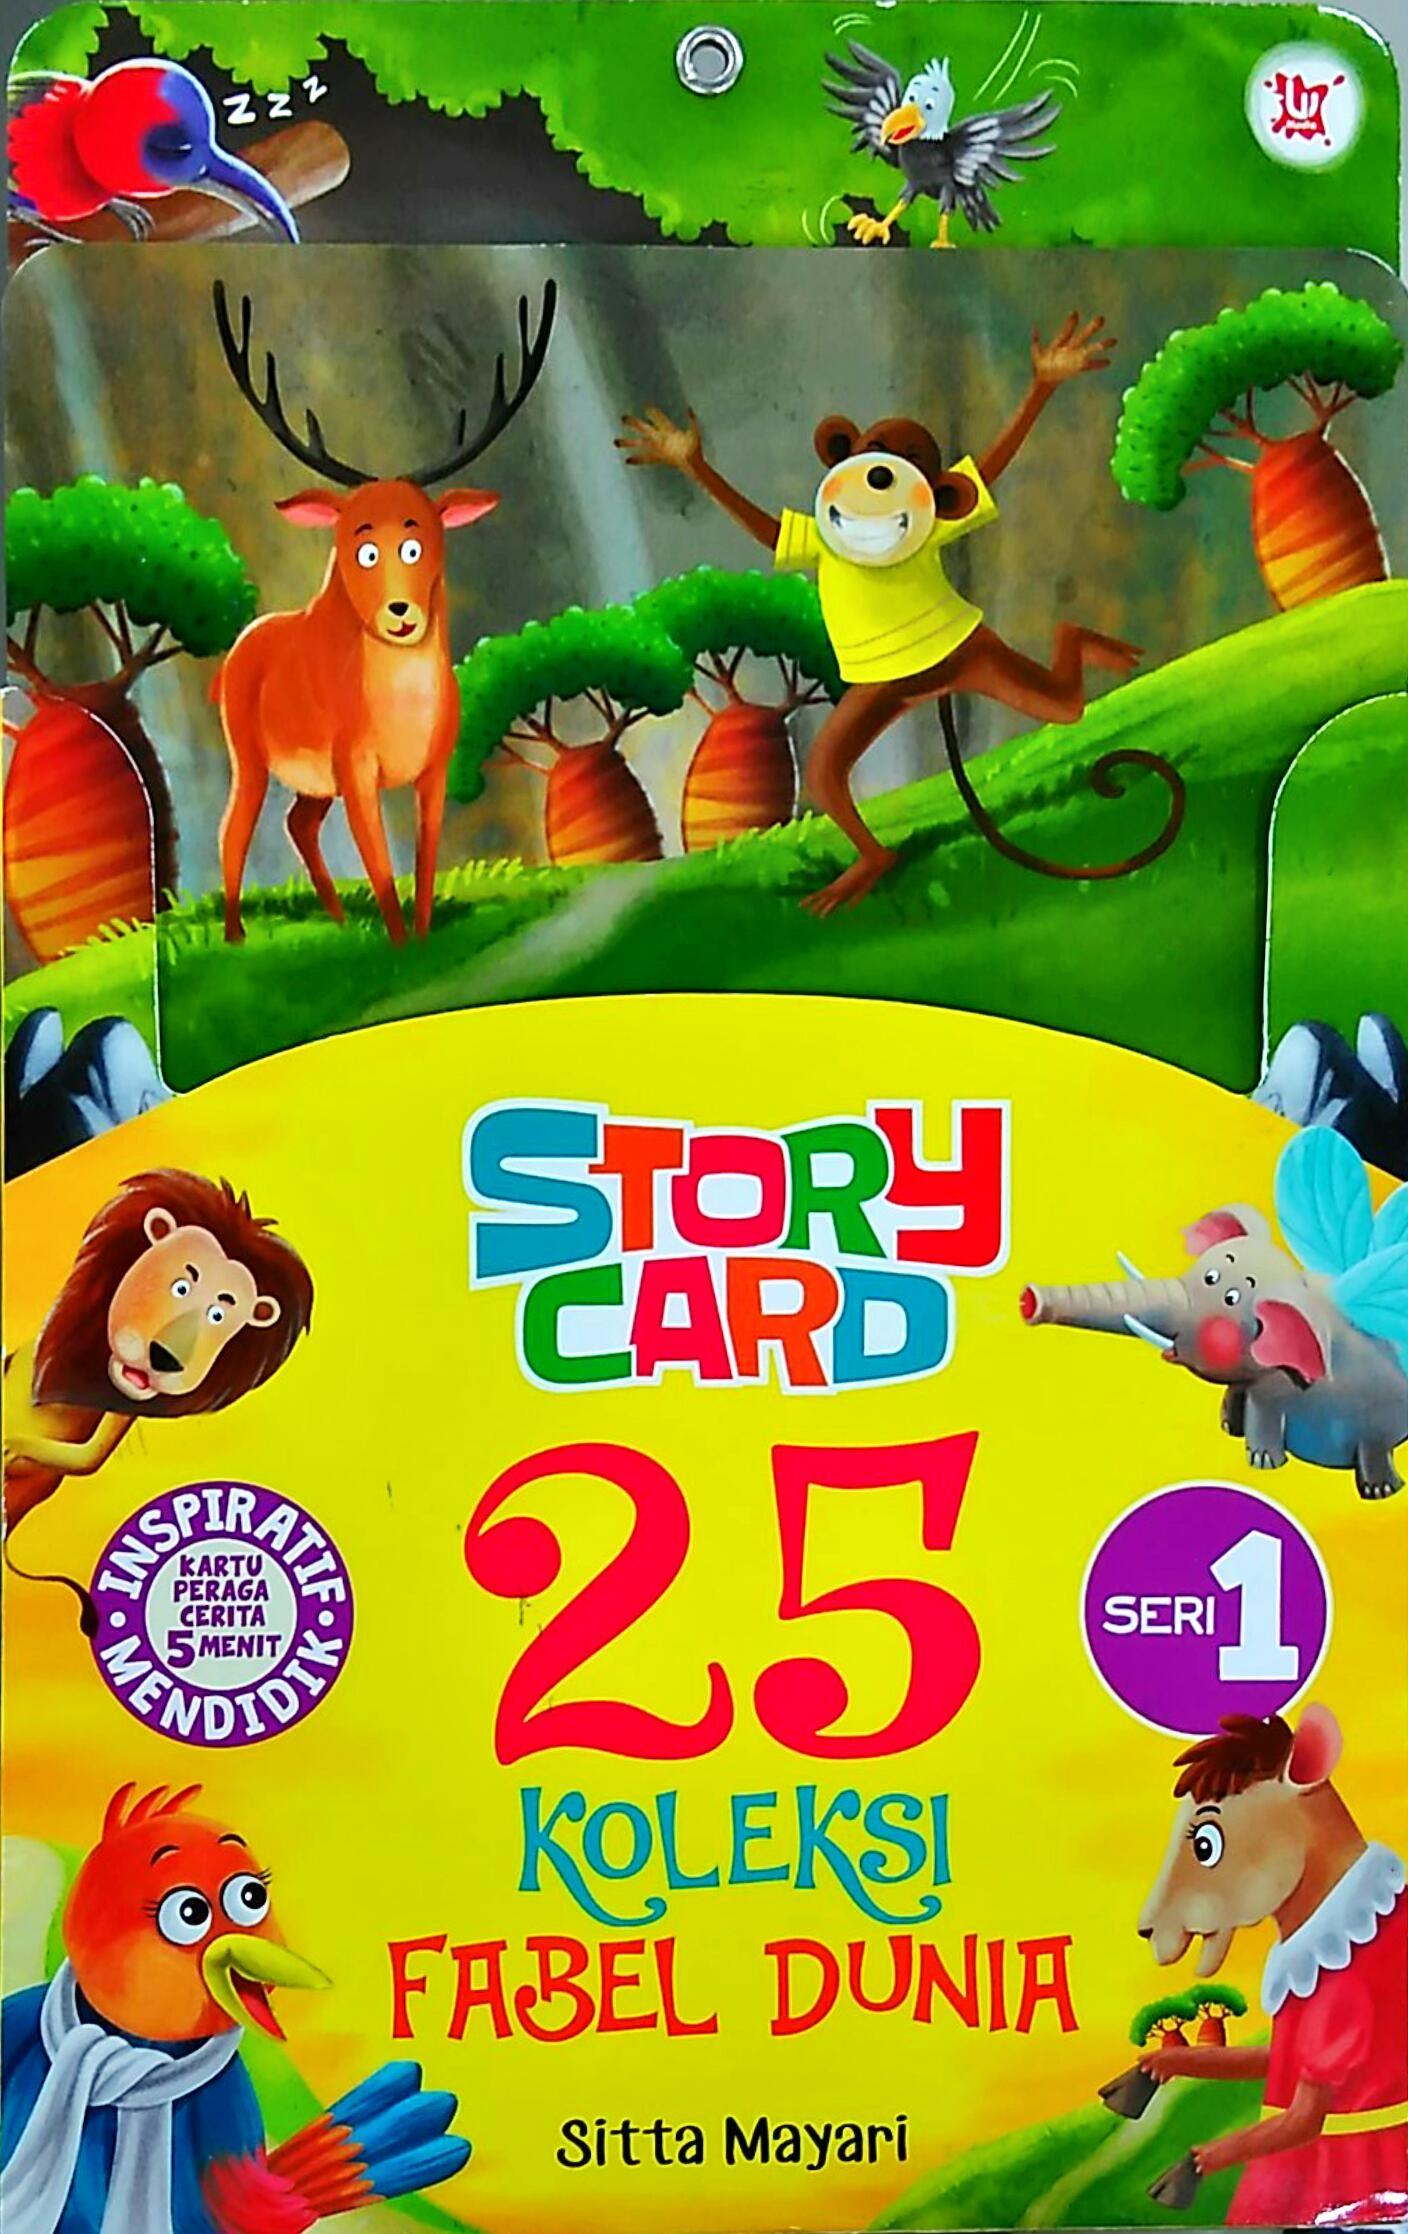 Buku Story Card 25 Sitta Mayari Mizanstore